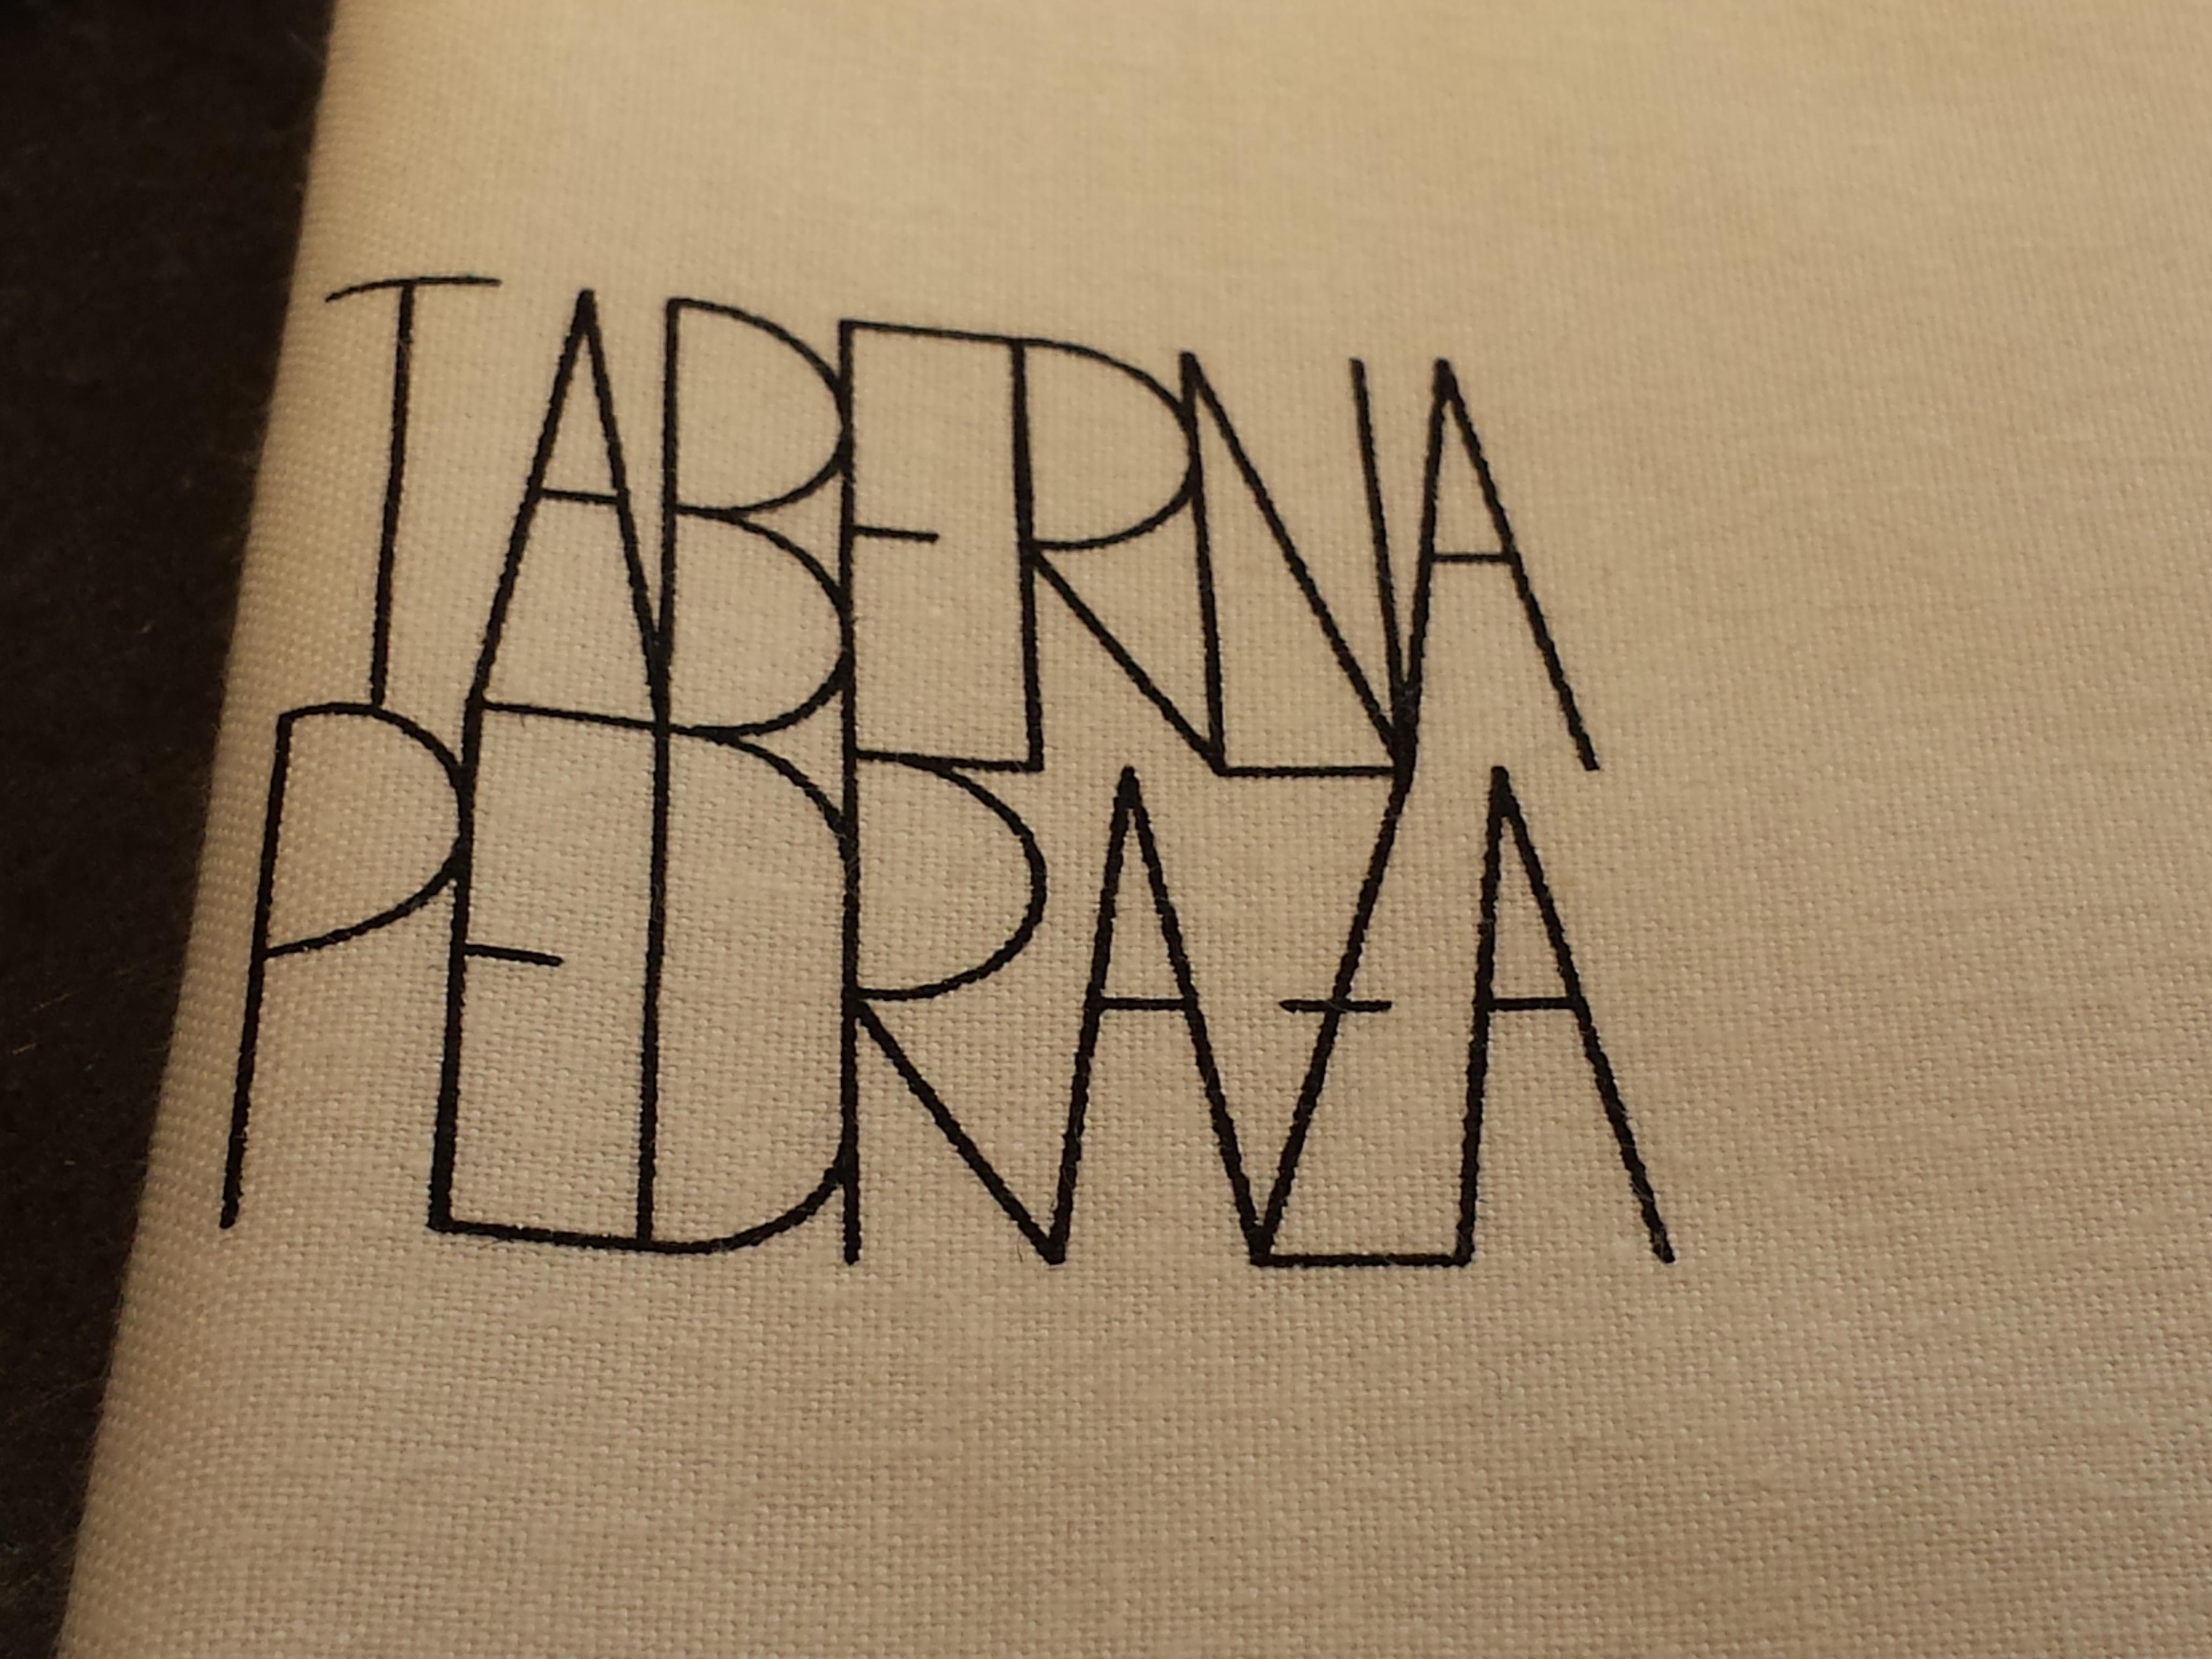 Taberna Pedraza, producto de calidad